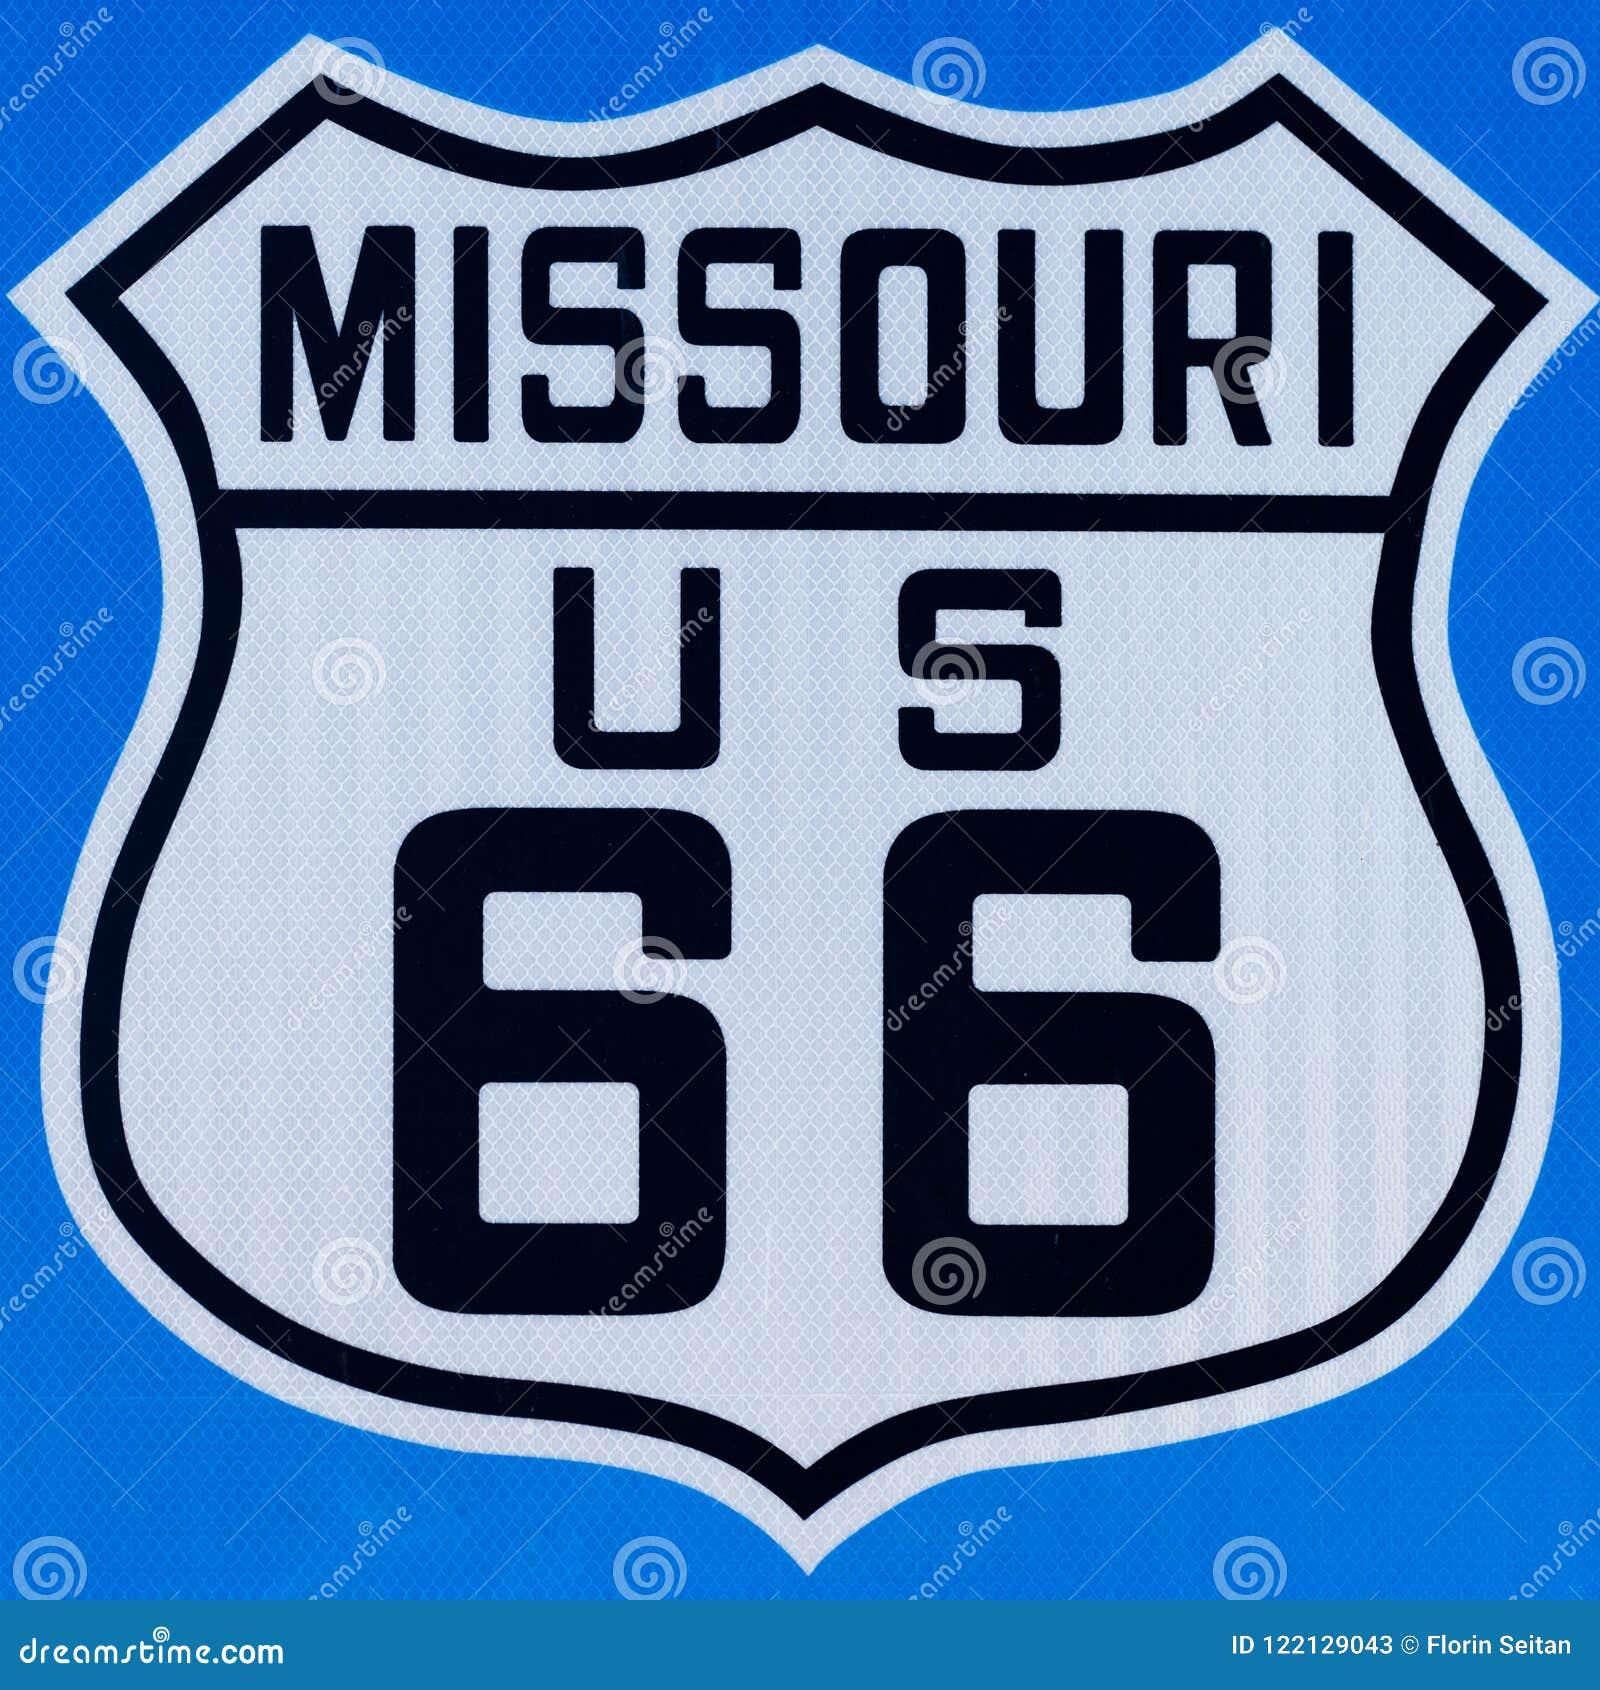 Znak uliczny z trasą 66 w Missouri